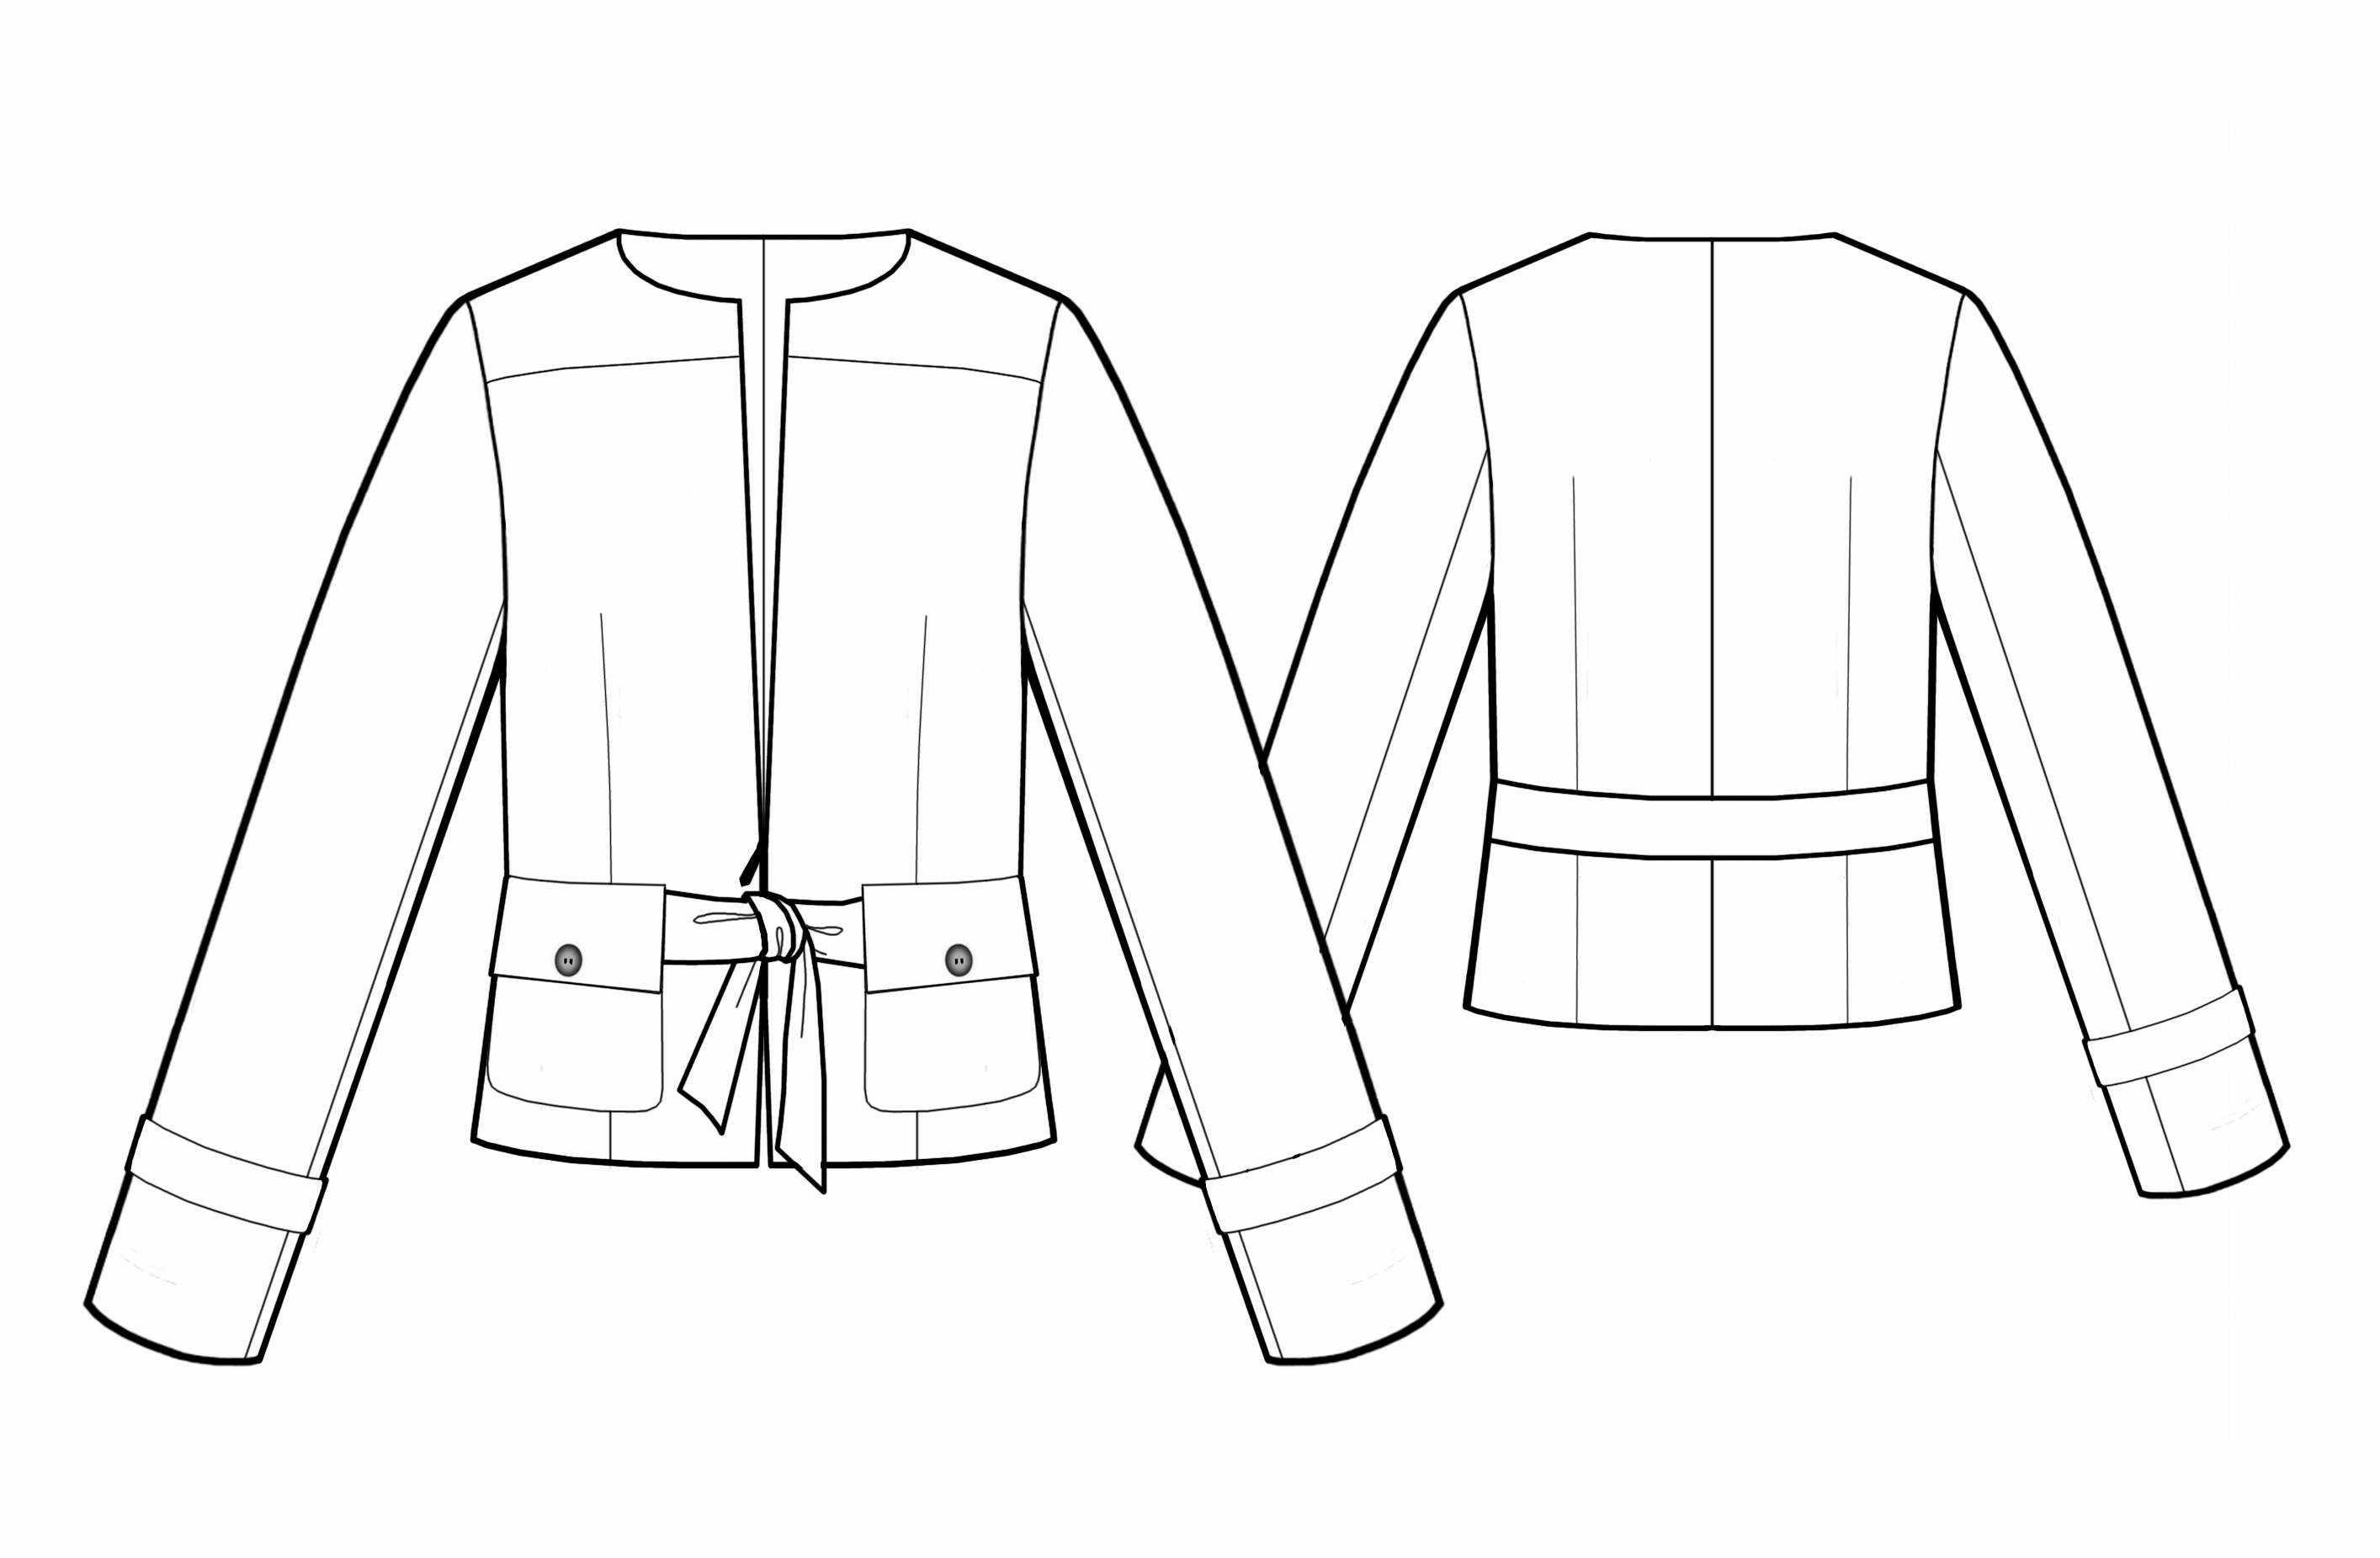 Выкройка женского пиджака приталенного без воротника. Пошаговая выкройка